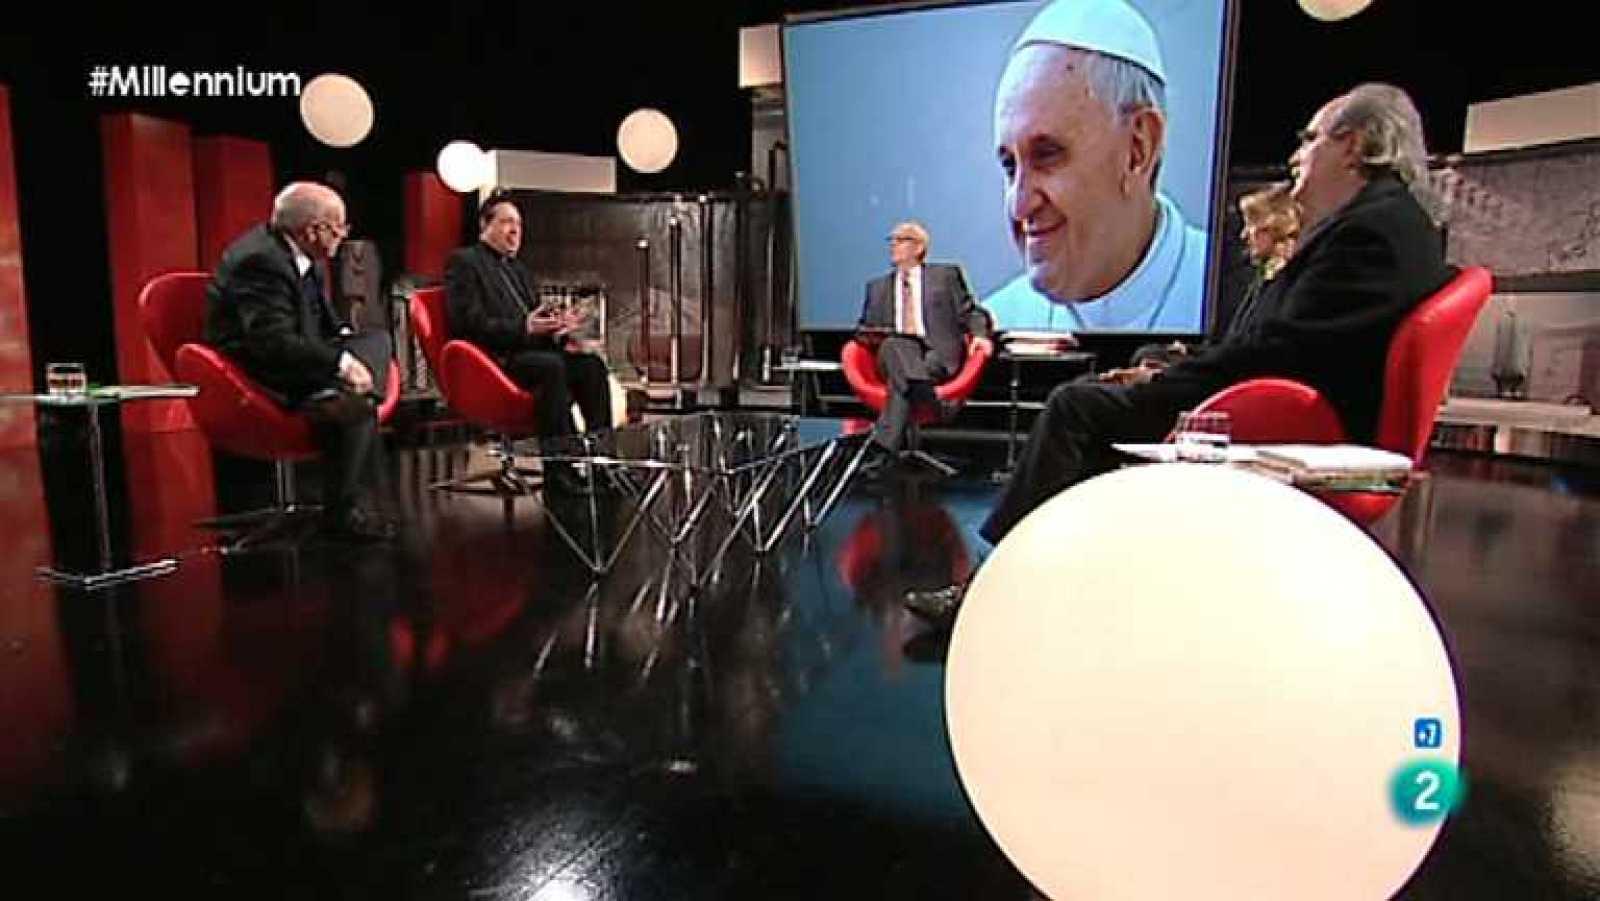 Millennium - El Papa, ¿un cambio real? - ver ahora